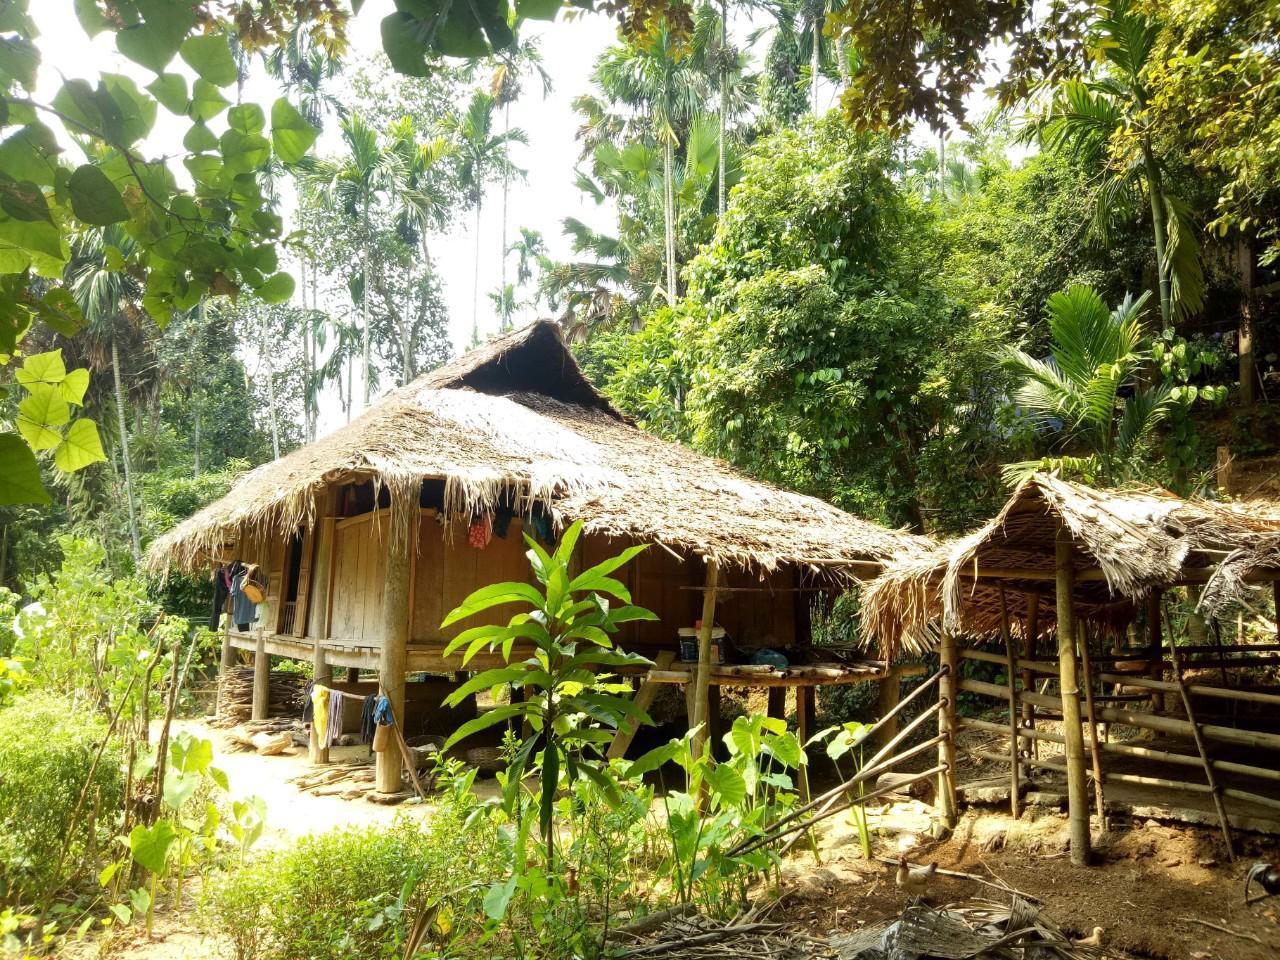 Mise en place d'un système d'irrigation pour la culture de mandariniers - Vision du Monde